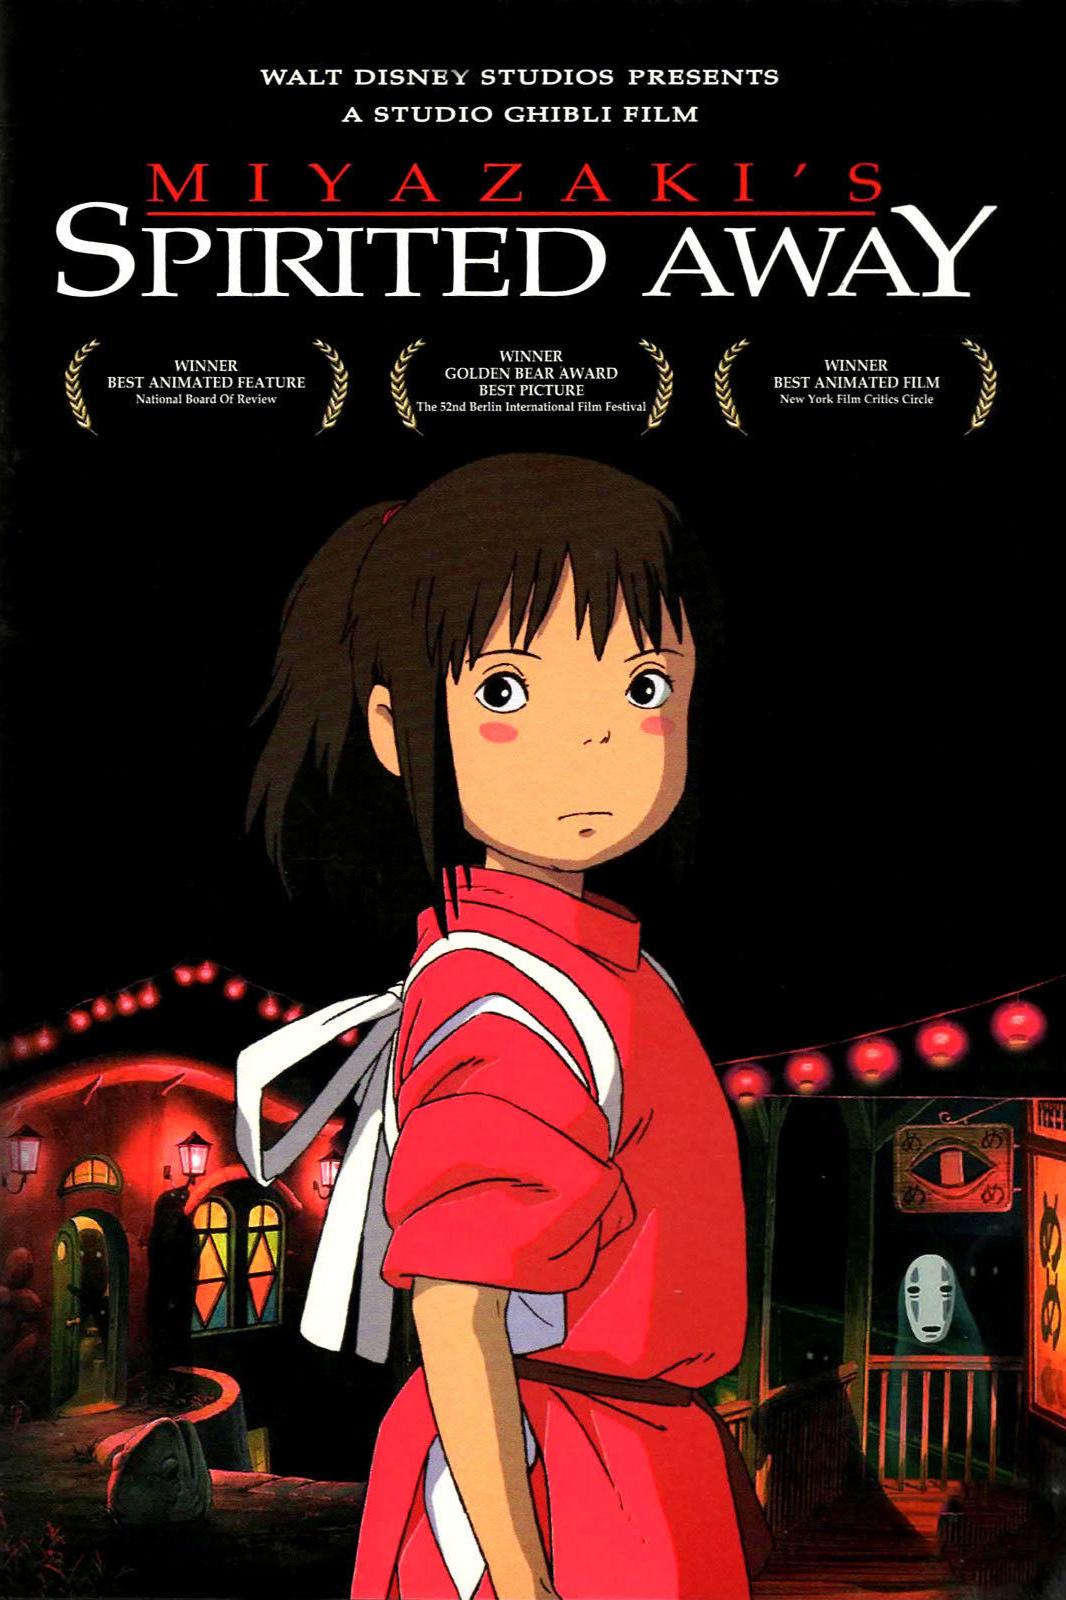 Hành trình 100 năm của văn hoá Anime Nhật Bản: Ai nói hoạt hình chỉ dành cho trẻ con? - Ảnh 16.